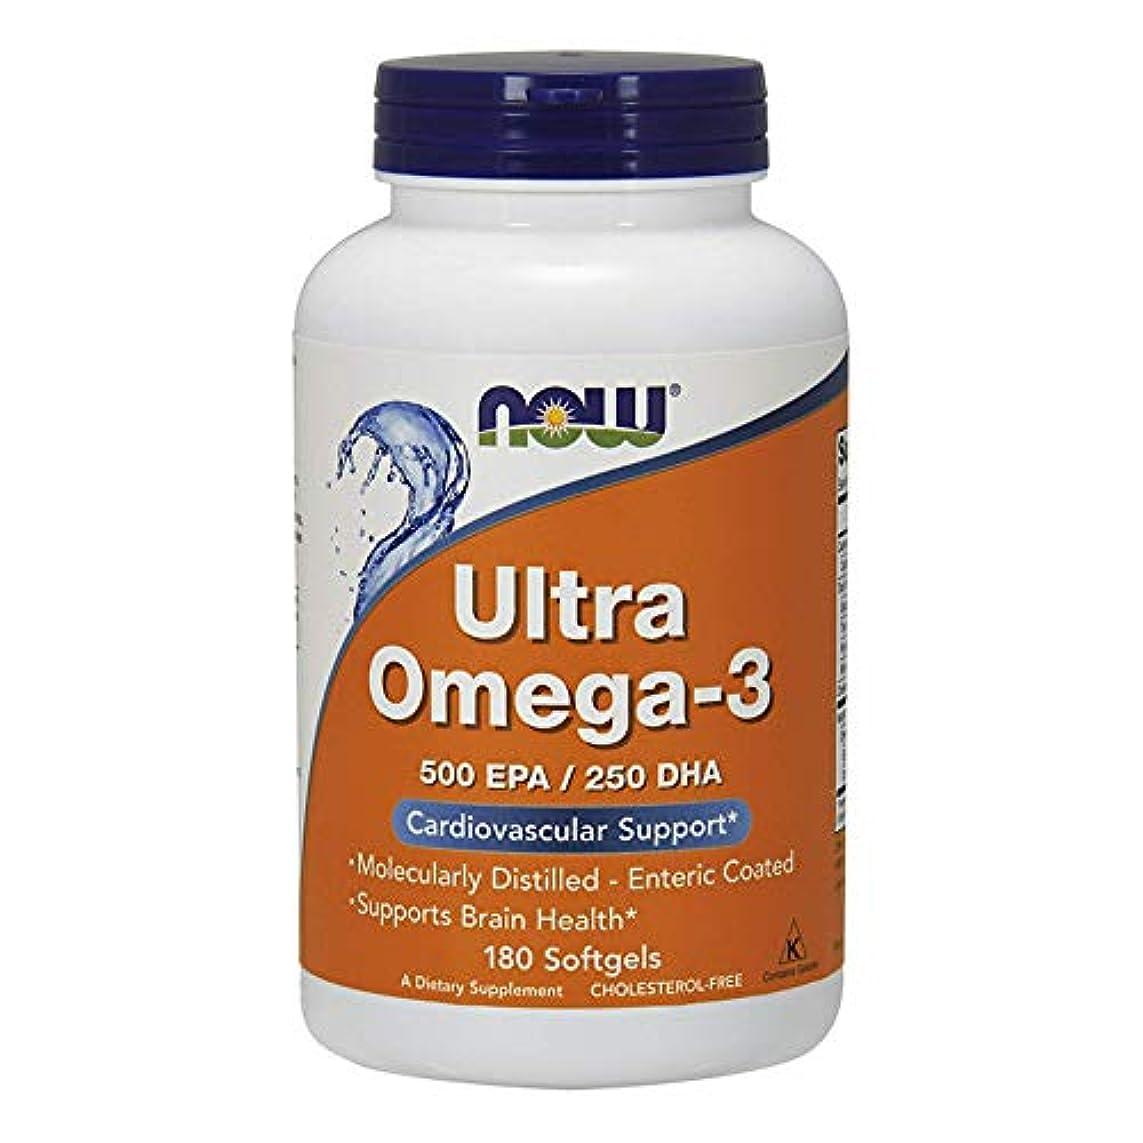 Now Ultra Omega-3 (500 EPA / 250 DHA) 180 sgels